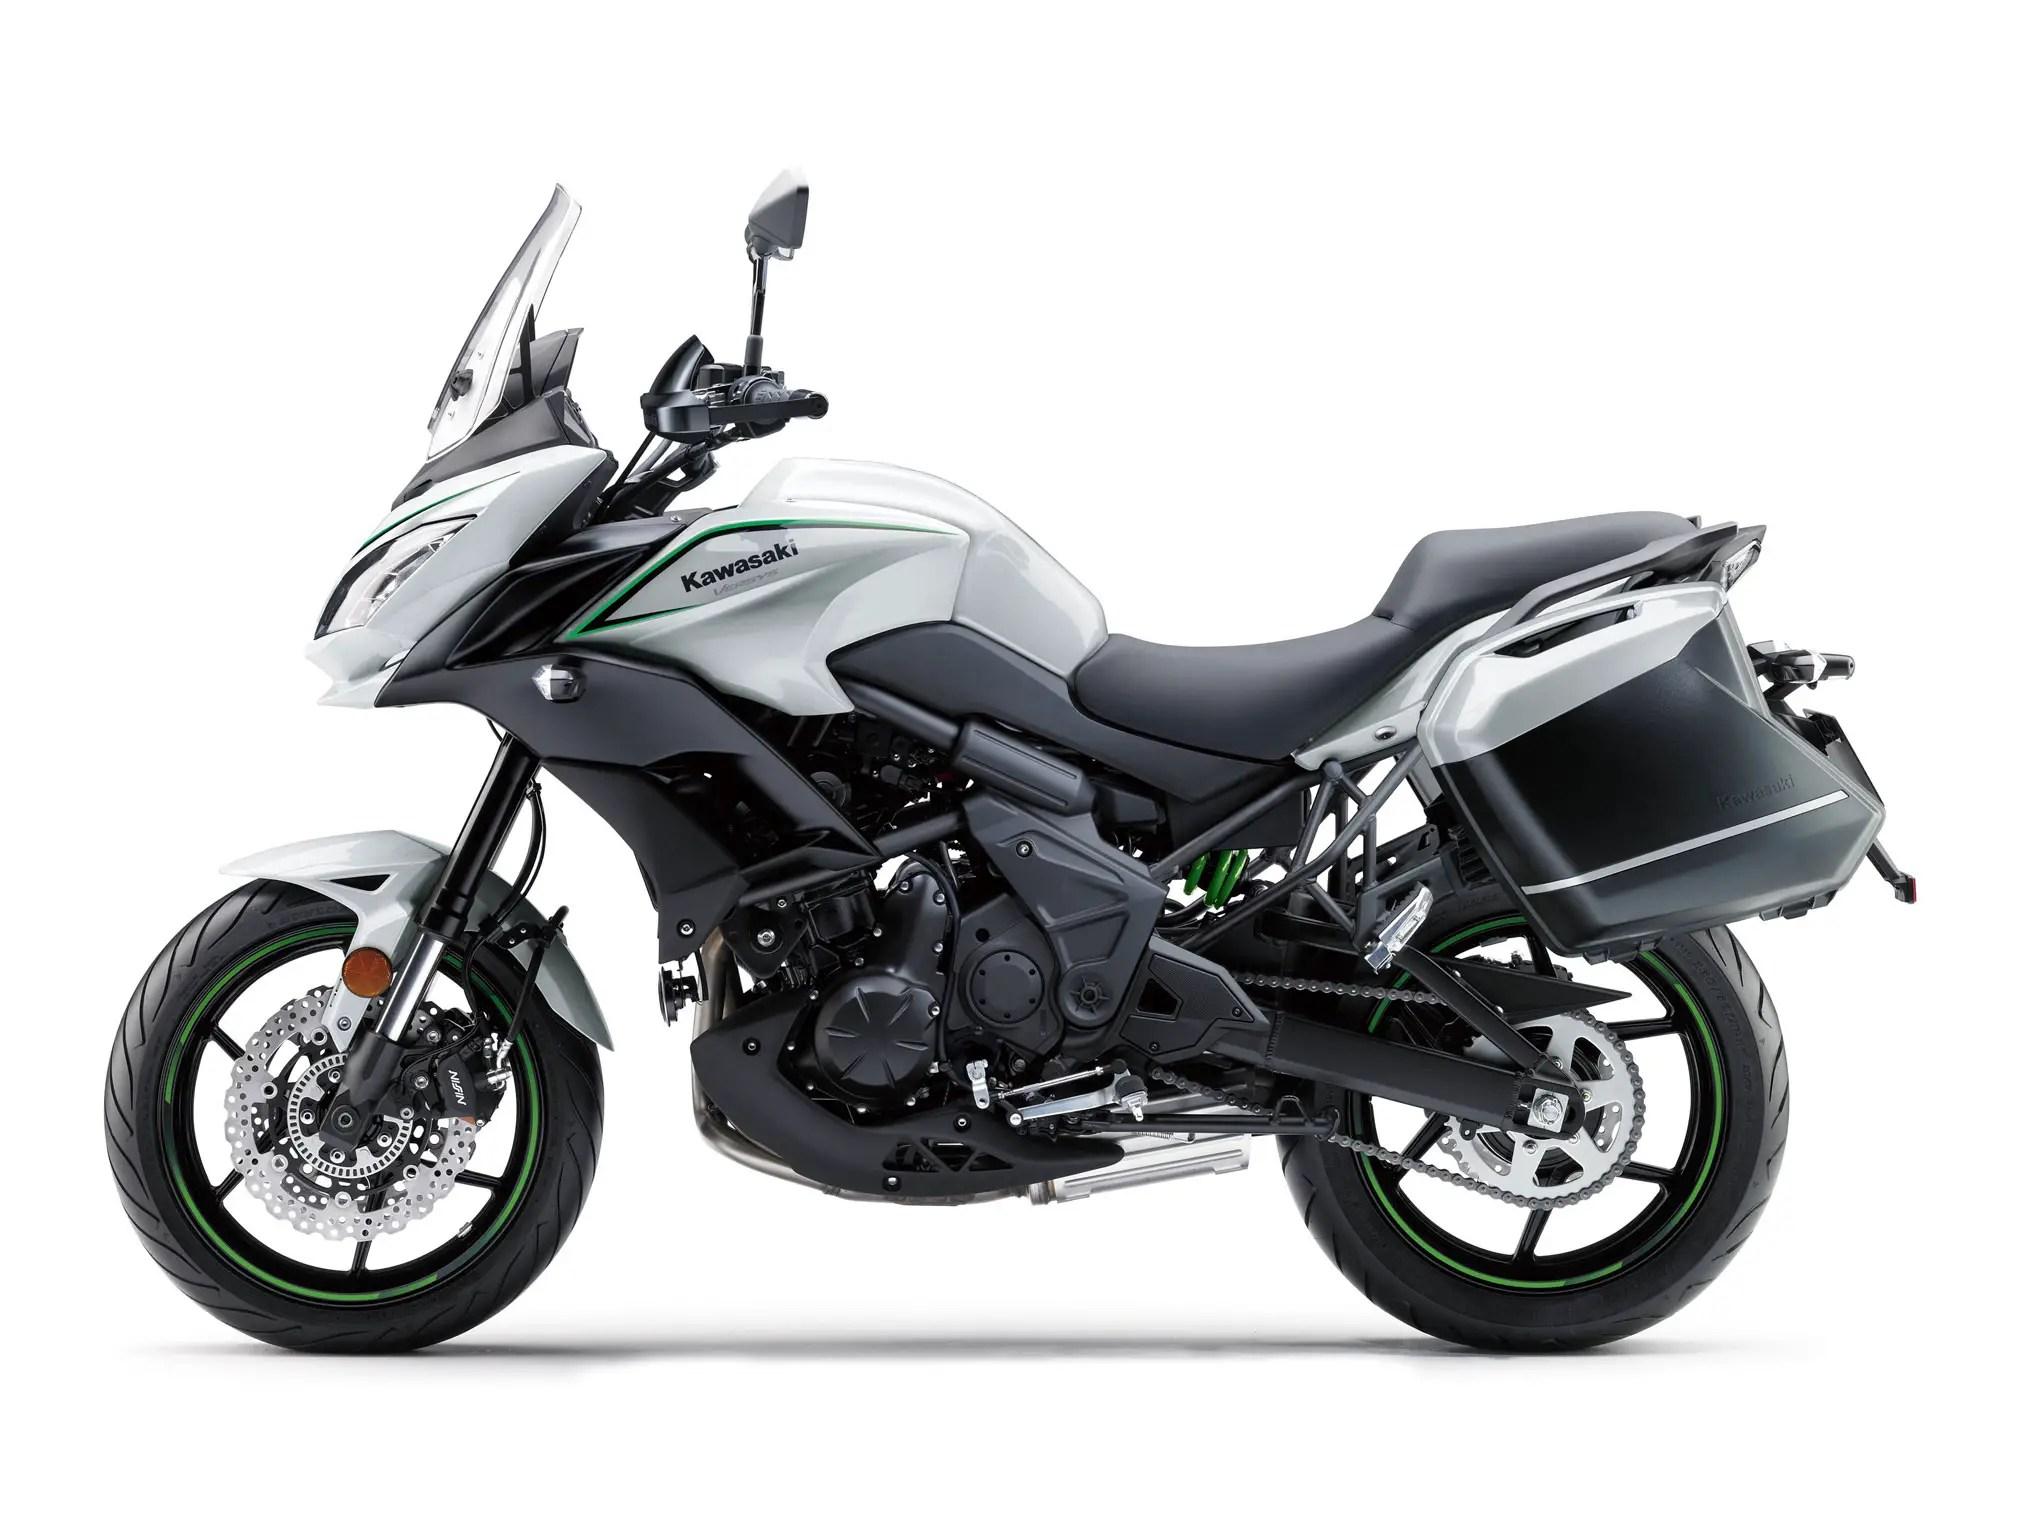 2018 Kawasaki Versys 650 ABS Review • Total Motorcycle